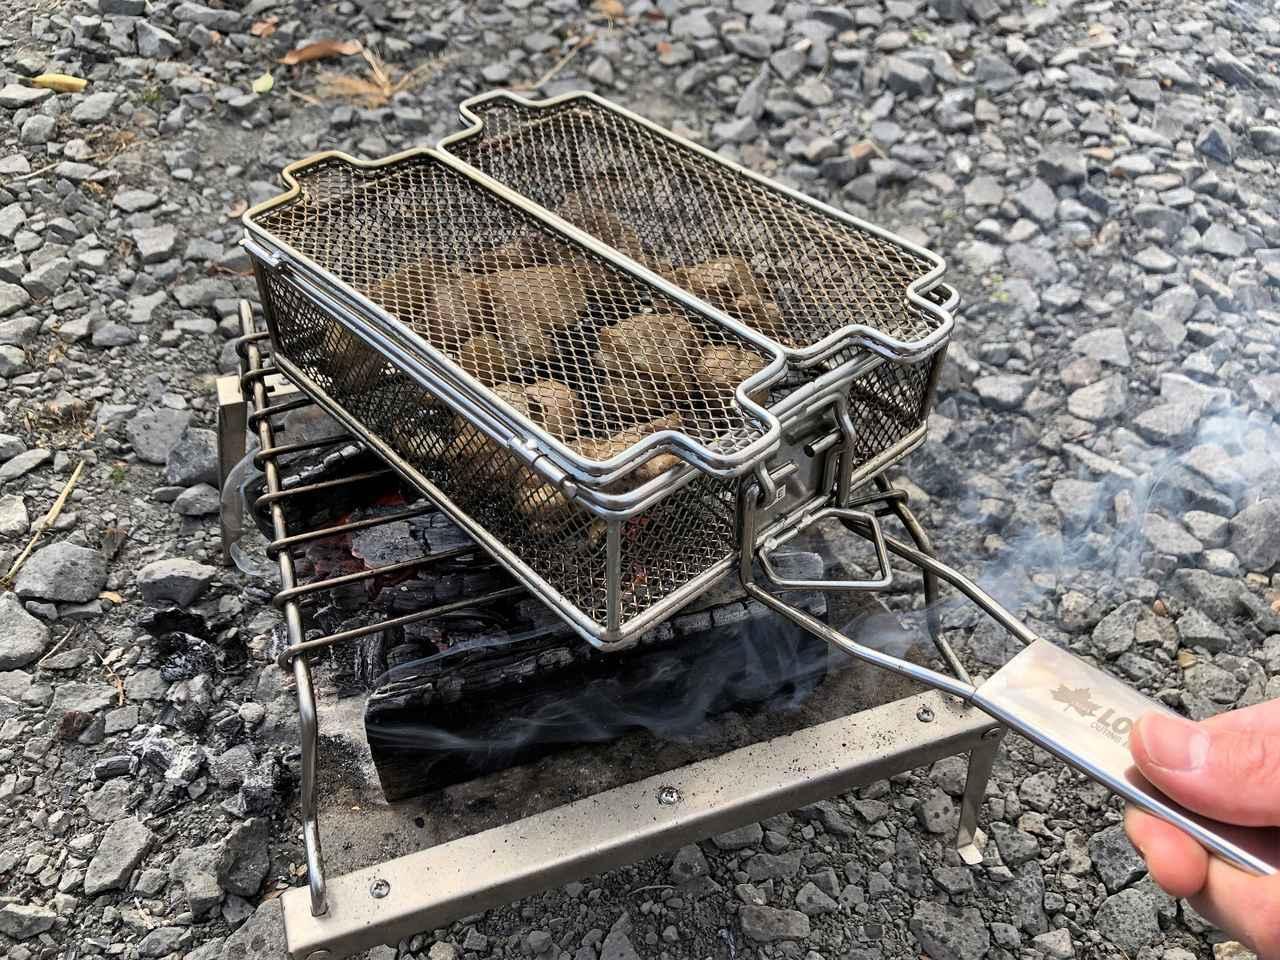 画像: 【筆者愛用】ロゴス「炭火もも焼き器」は手軽に炭火焼き料理が楽しめる! 本格焼き鳥をキャンプで - ハピキャン(HAPPY CAMPER)